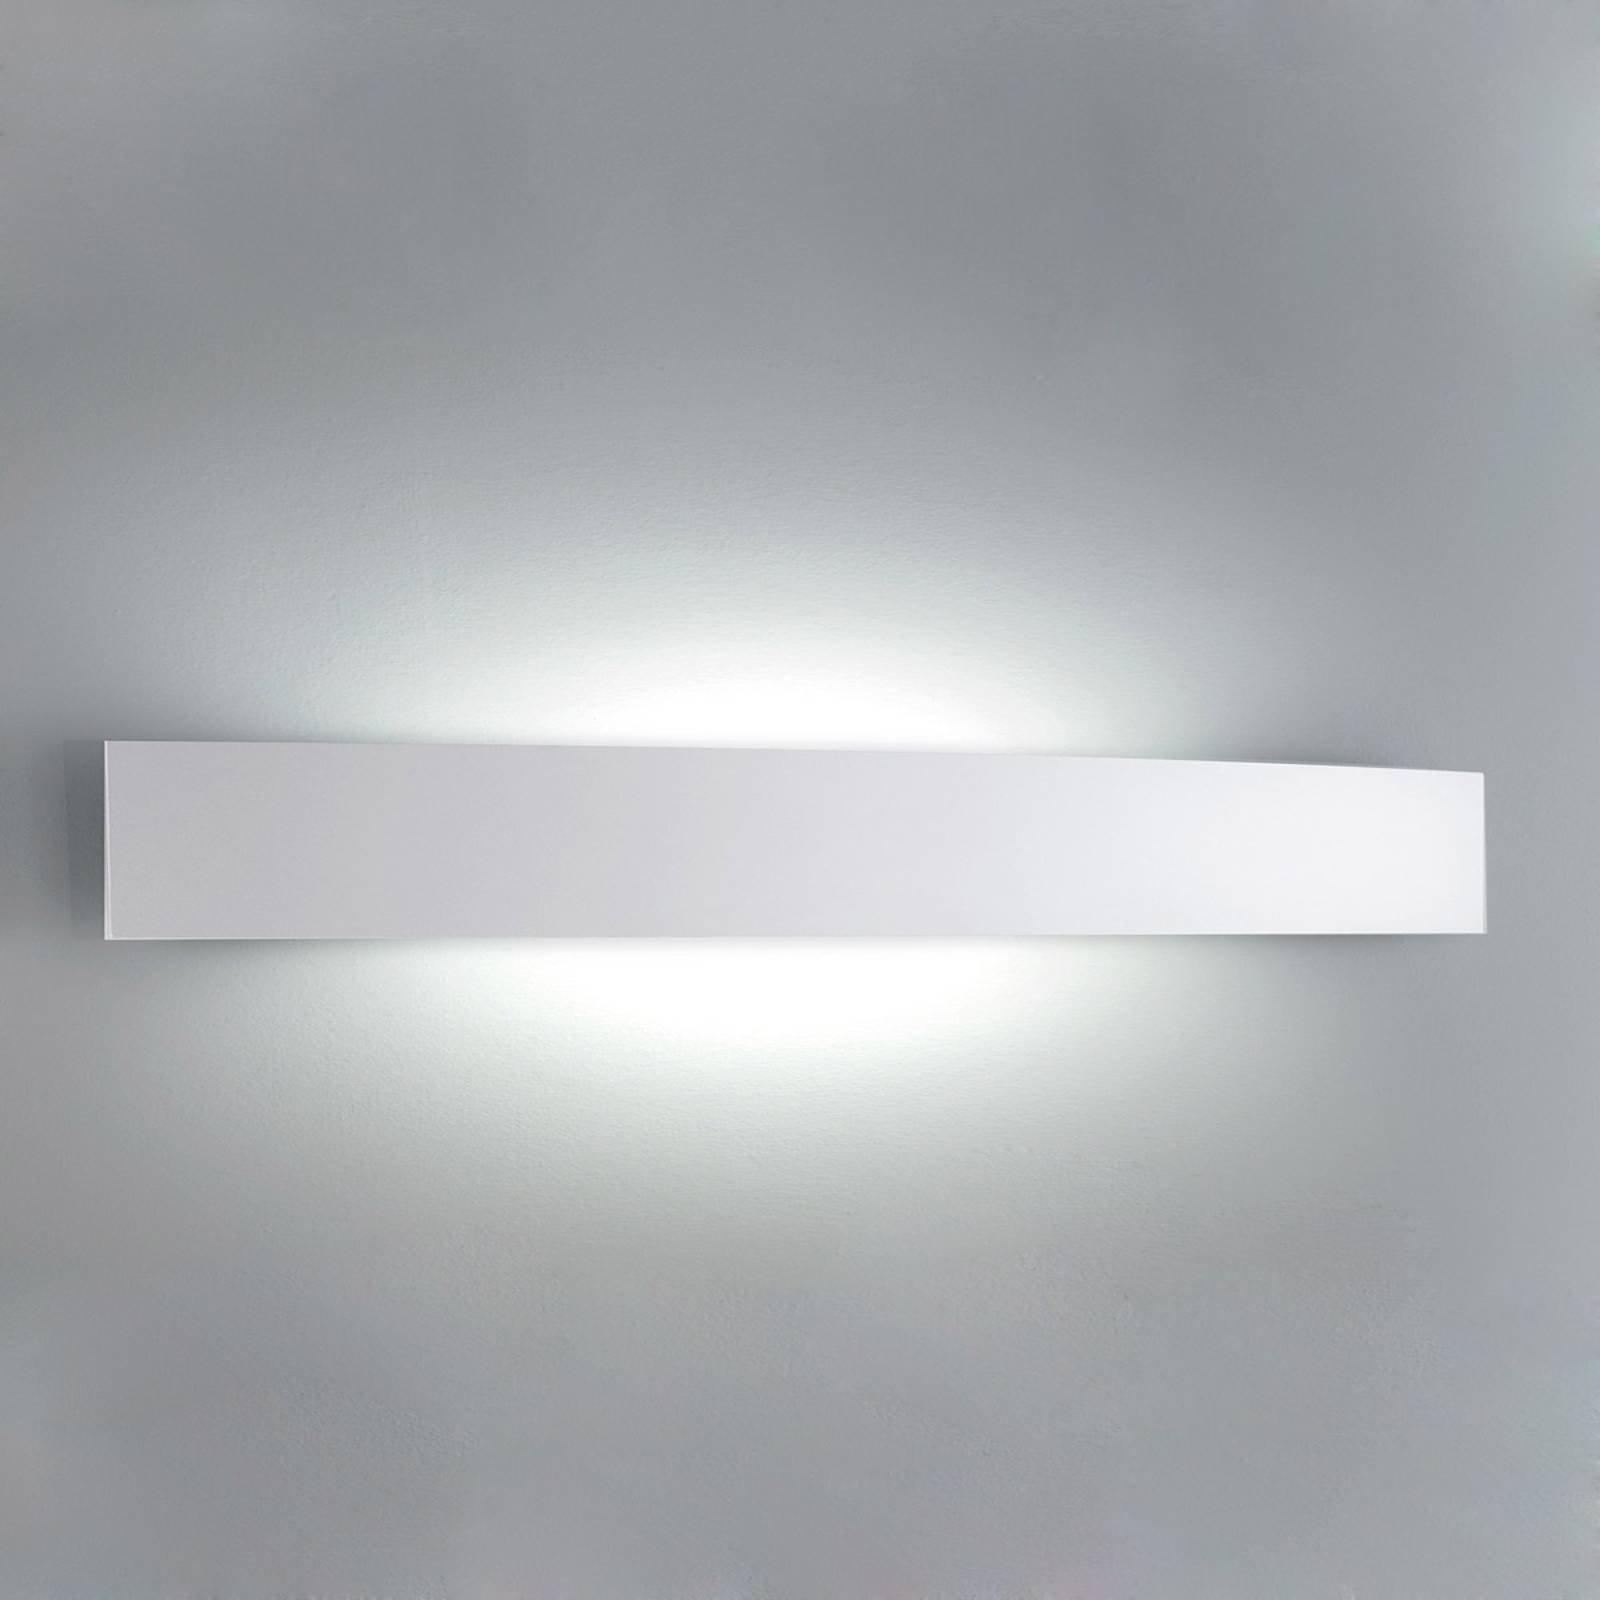 Formskjønn vegglampe Riga, 56 cm, hvit